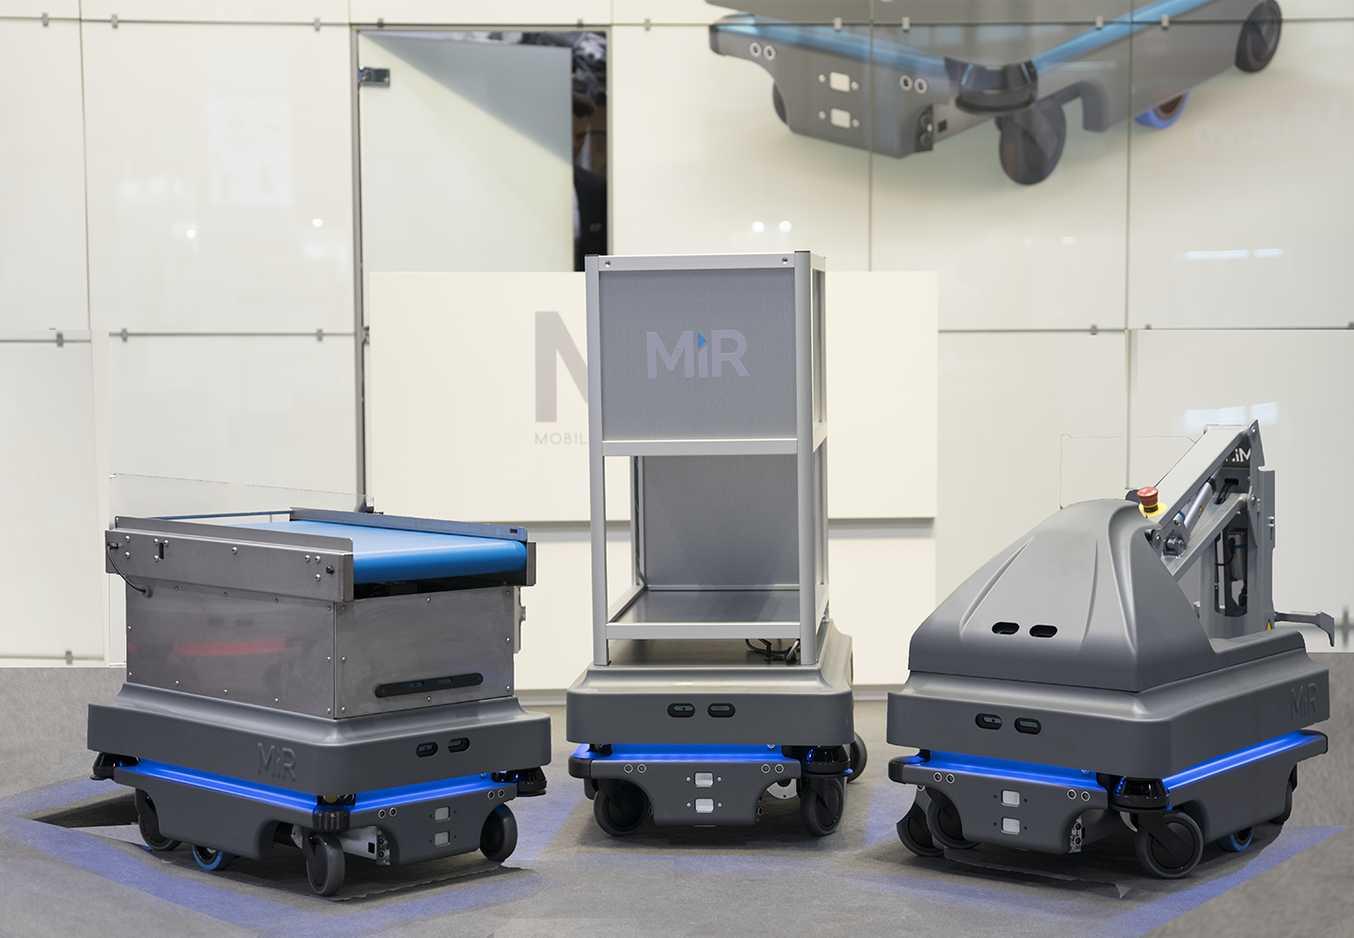 Un Robot Móvil Autónomo y un Vehículo Guiado Tradicional ¿Cuál es la diferencia?